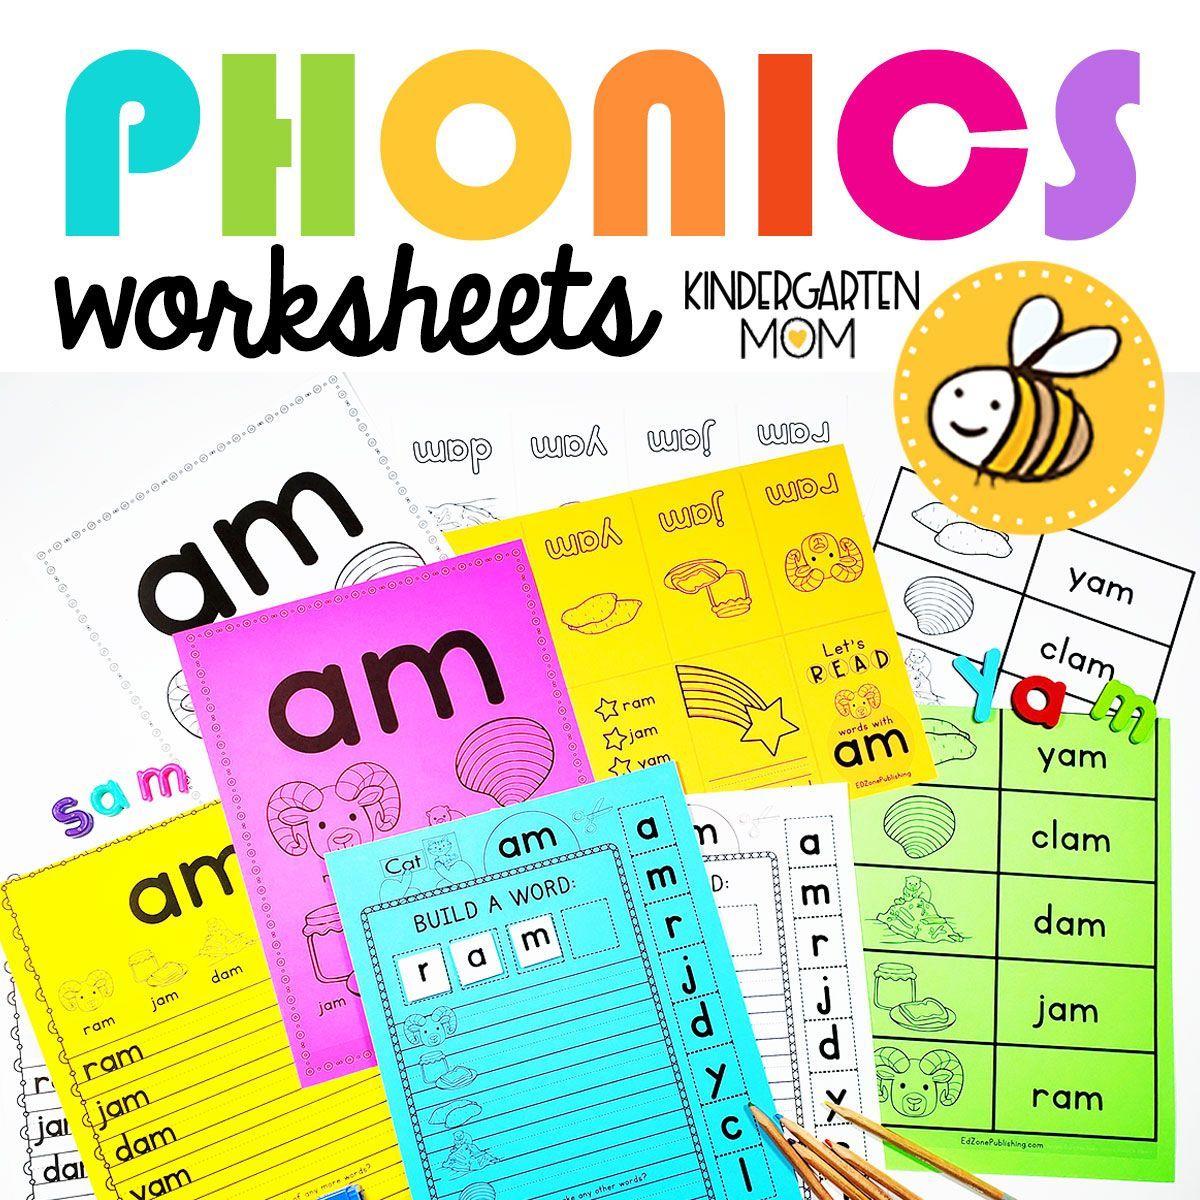 Kindergarten Worksheets Kindergarten Mom Kindergarten Worksheets Kindergarten Worksheets Sight Words Free Kindergarten Worksheets [ 1200 x 1200 Pixel ]